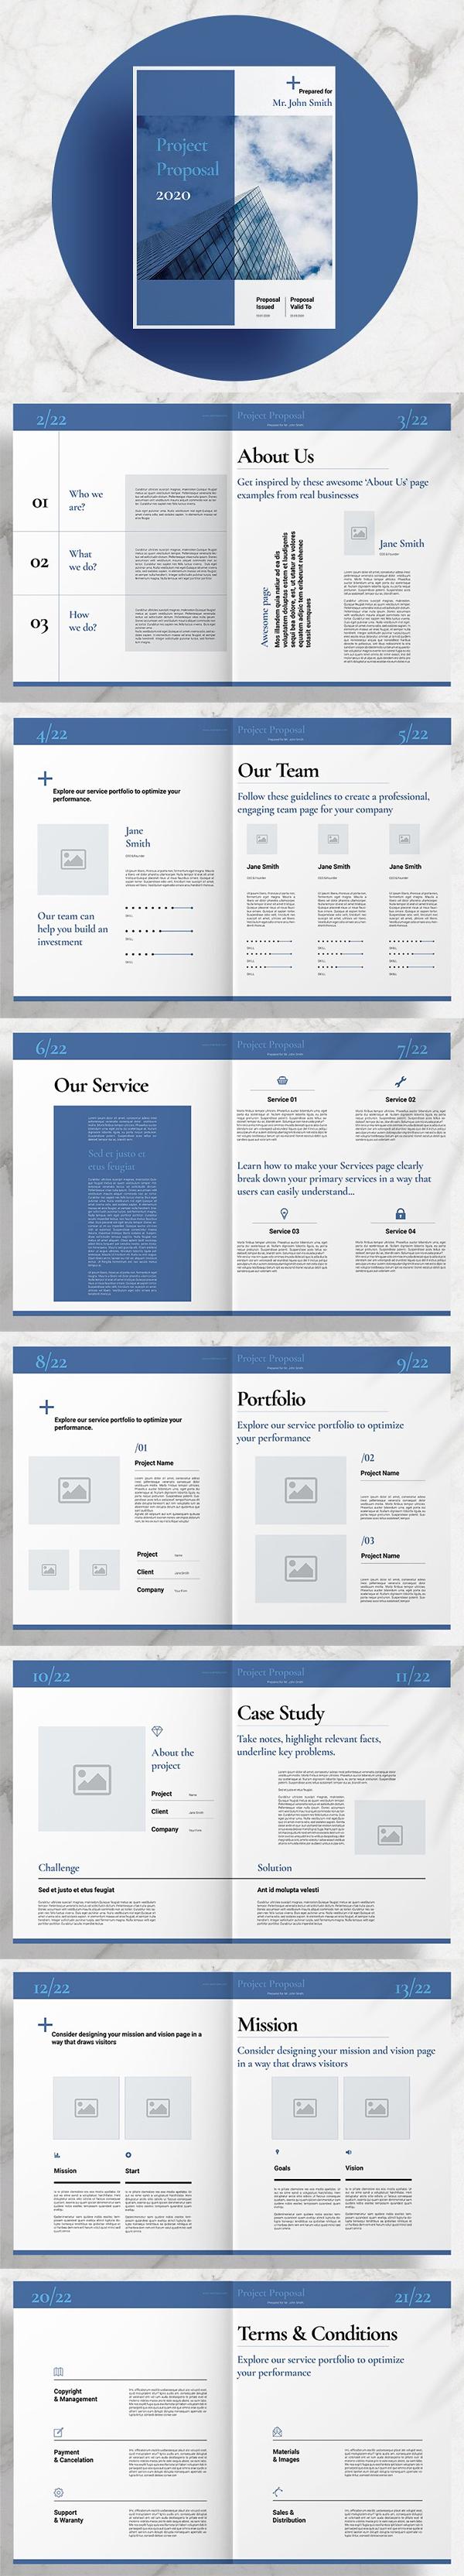 Diseño de propuesta comercial azul